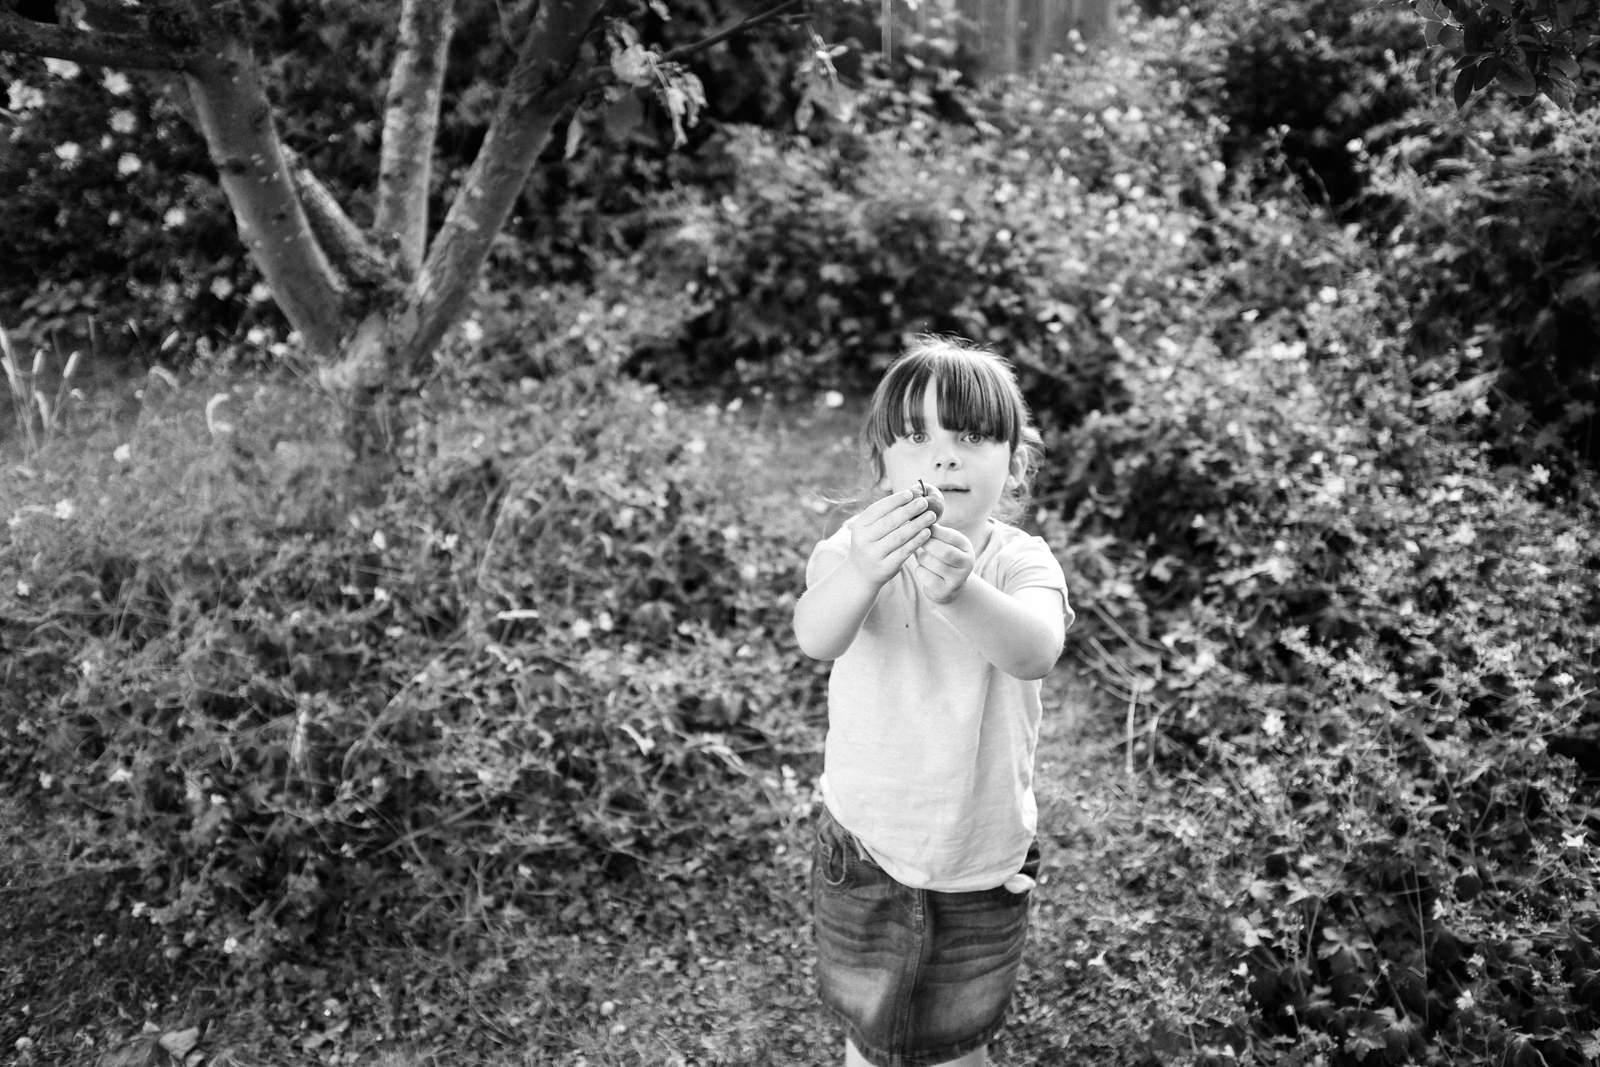 apple-picking-in-the-garden-10.jpg